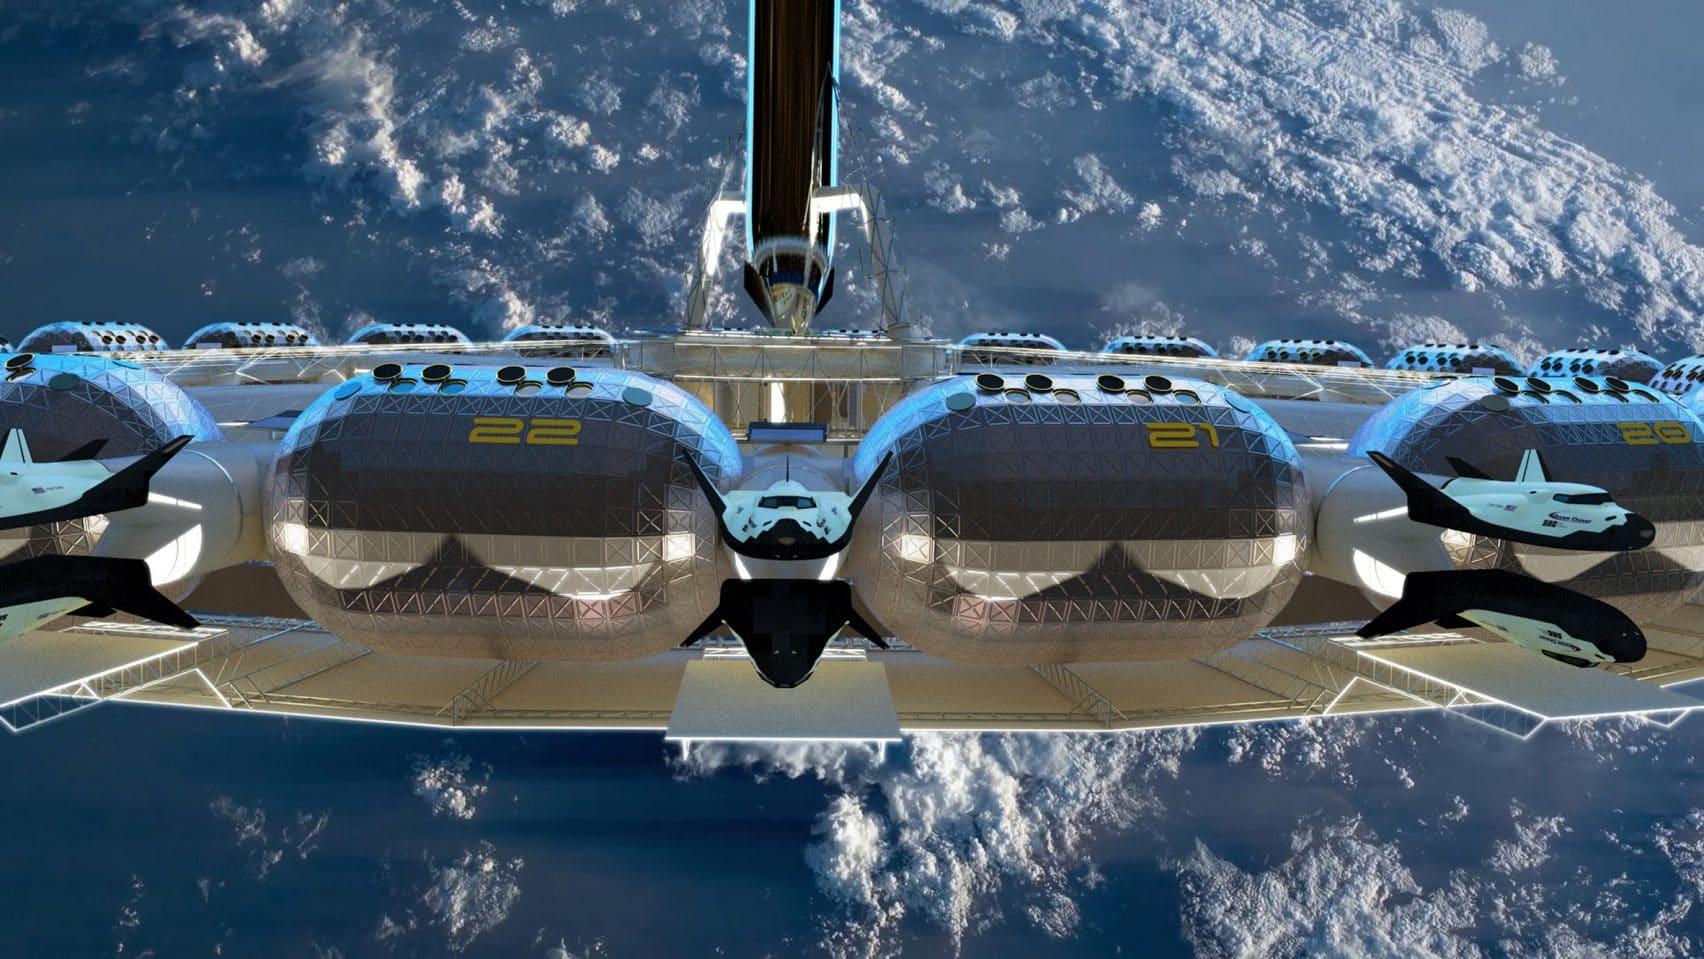 eerste ruimtehotel met kunstmatige zwaartekracht 2025 - Von Braun Space Station